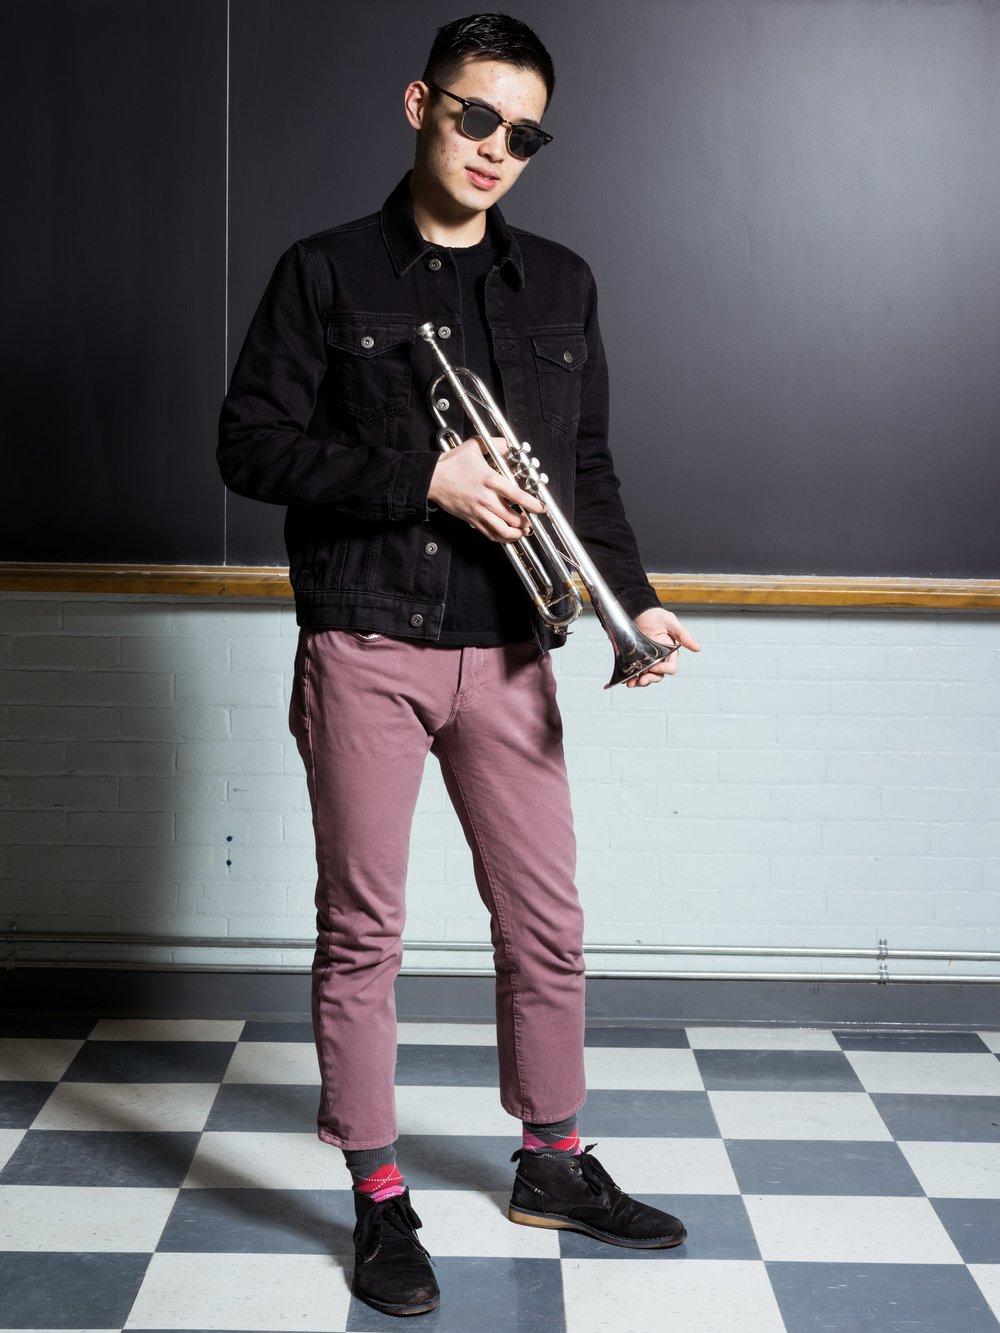 Richard Chen - Trumpet